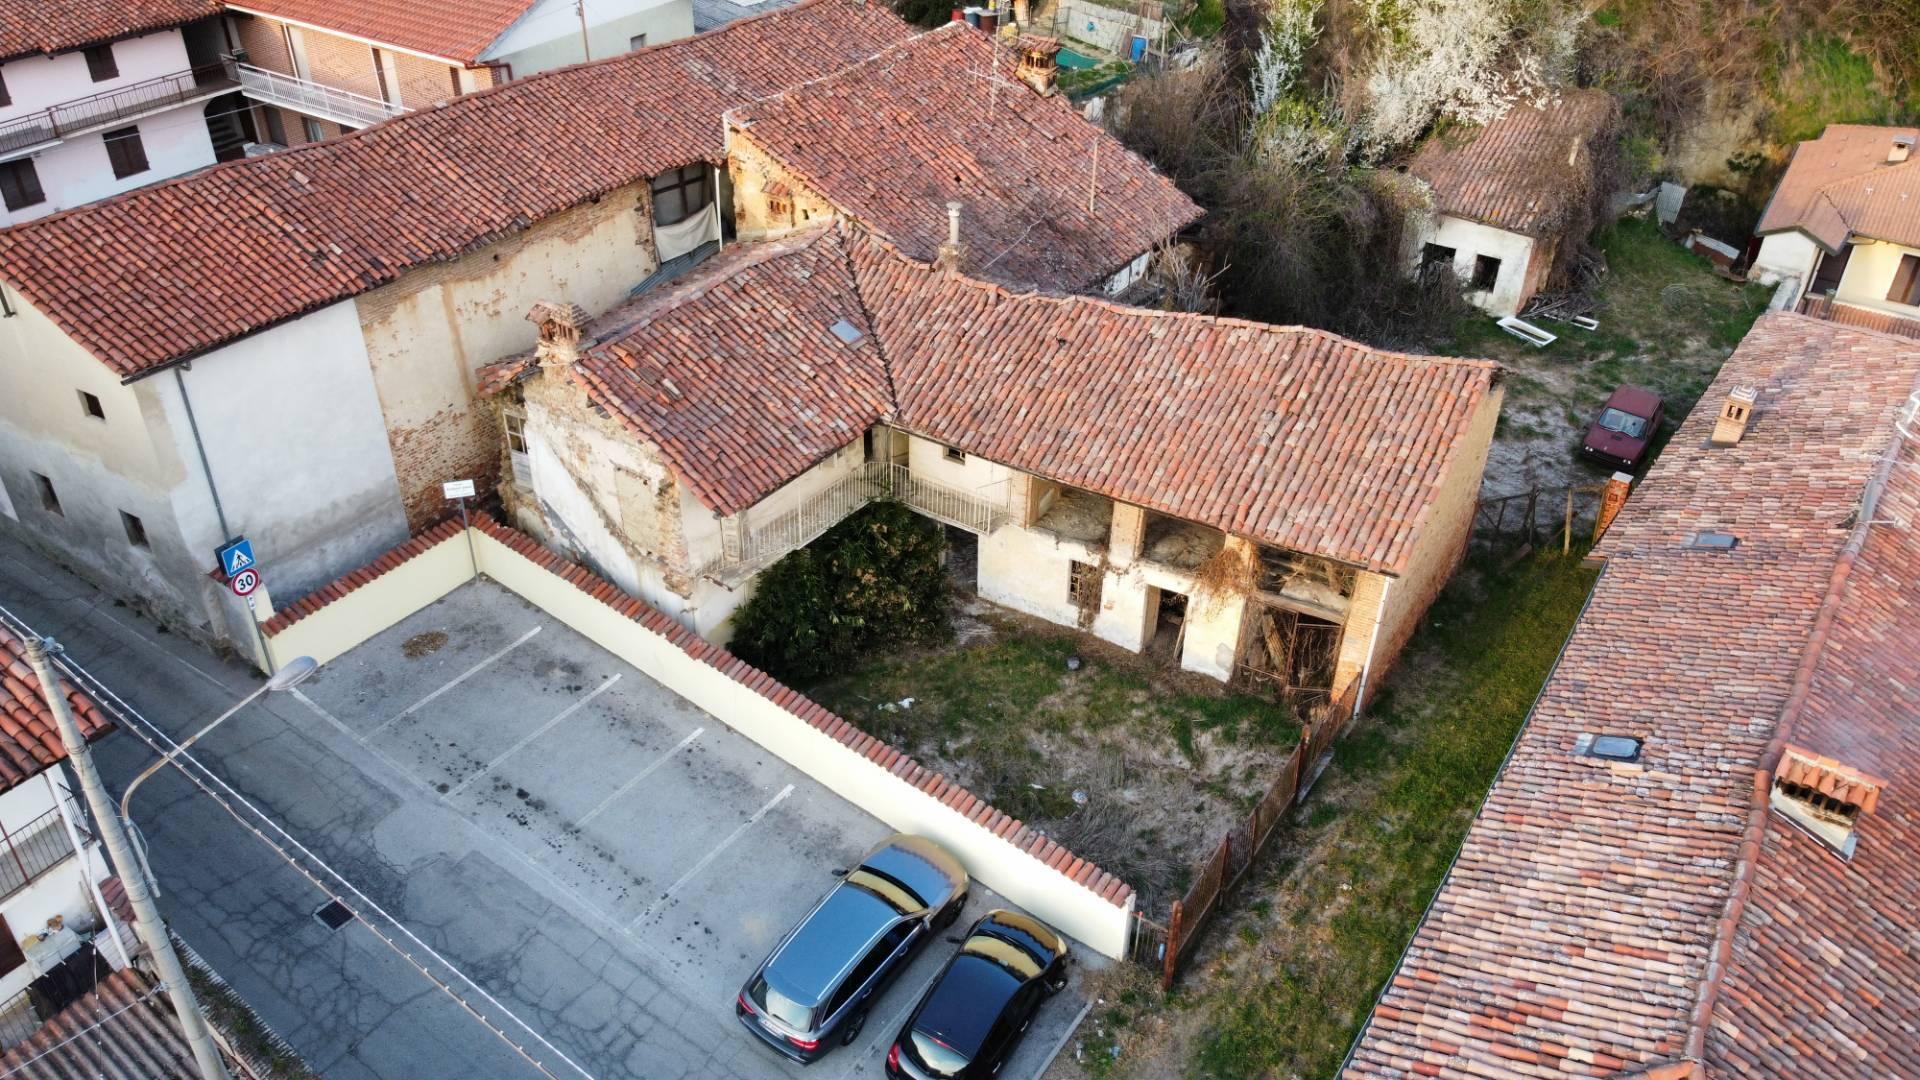 Rustico / Casale in vendita a Pocapaglia, 7 locali, prezzo € 30.000   PortaleAgenzieImmobiliari.it